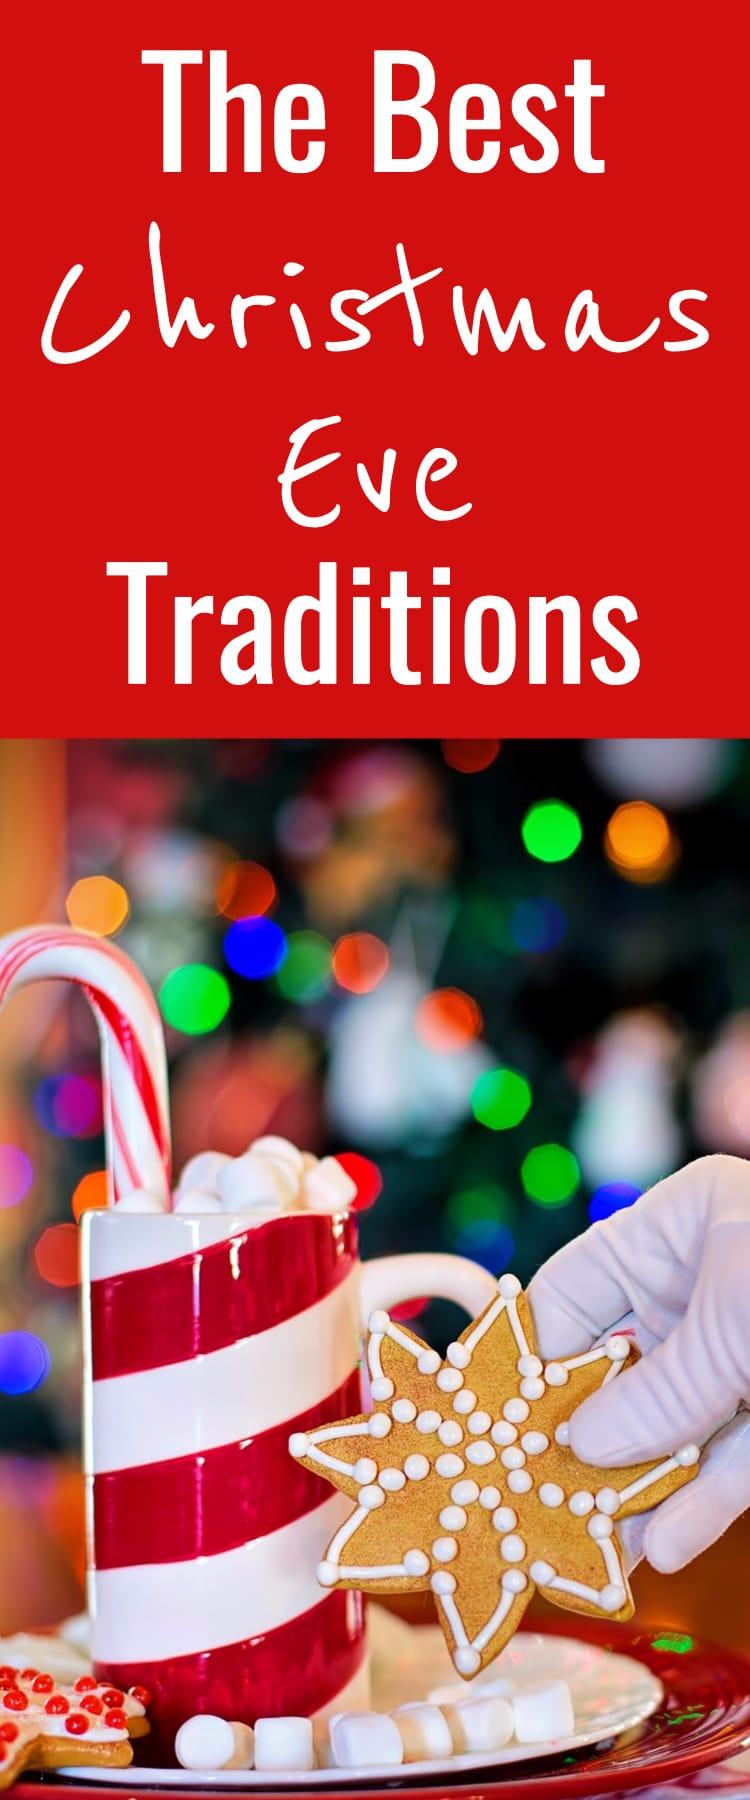 Christmas Eve / Christmas Eve Traditions / #ChristmasEve #Christmas Christmas / Santa Claus  via @clarkscondensed